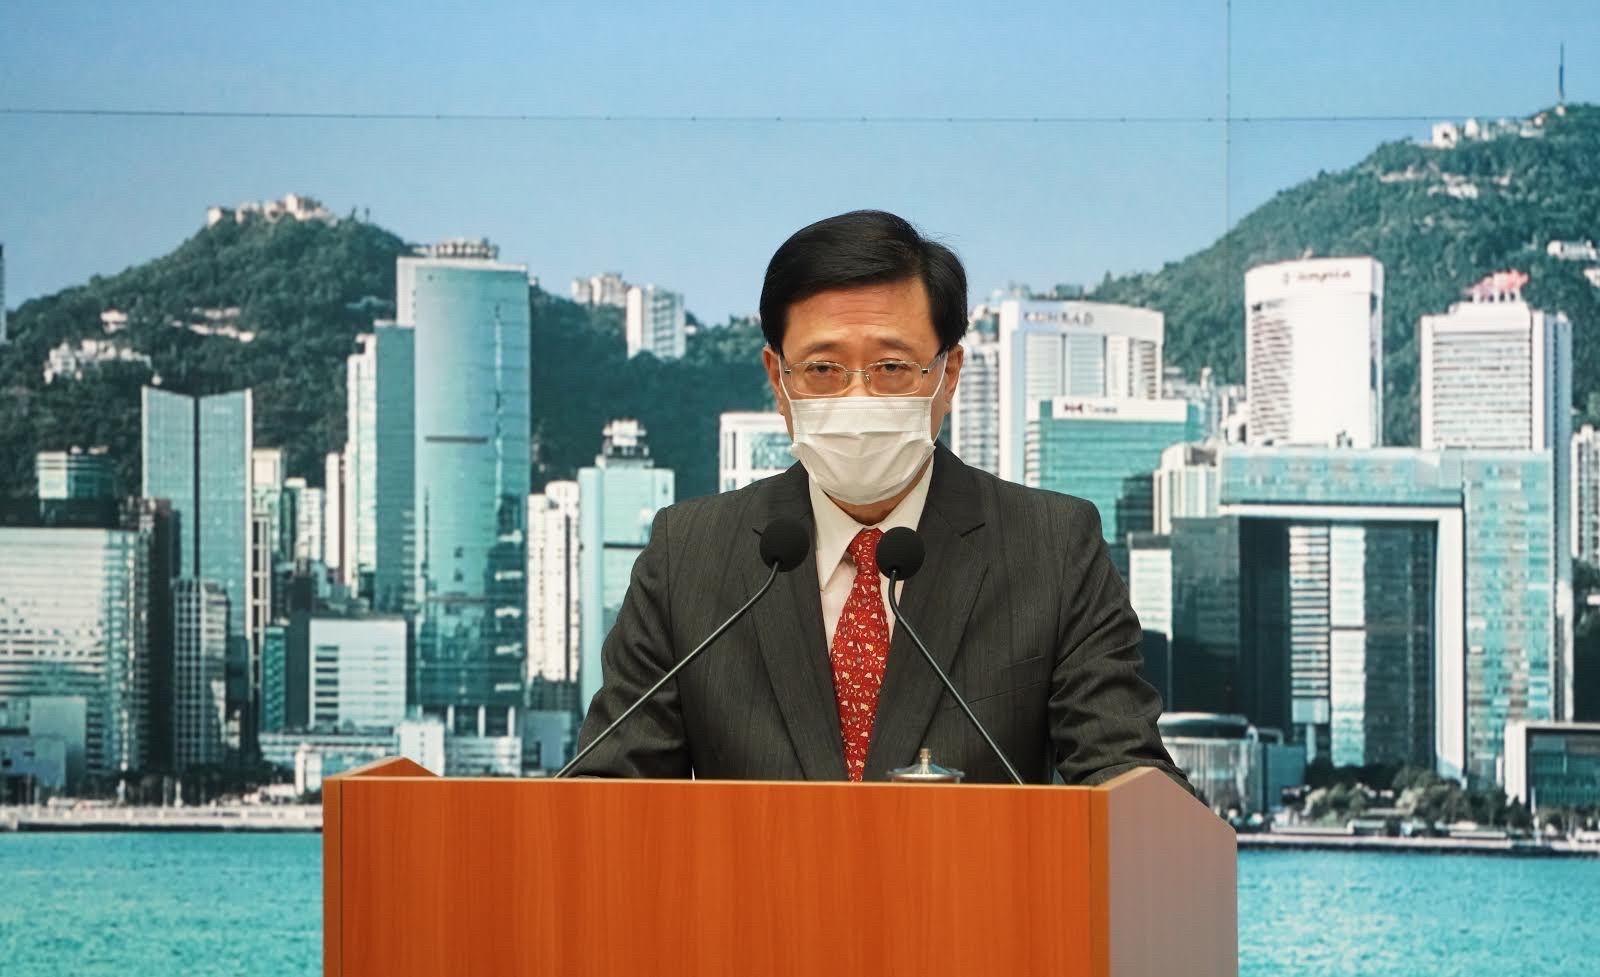 香港特区政府政务司司长李家超:完善选举制度,奠定良政善治基础